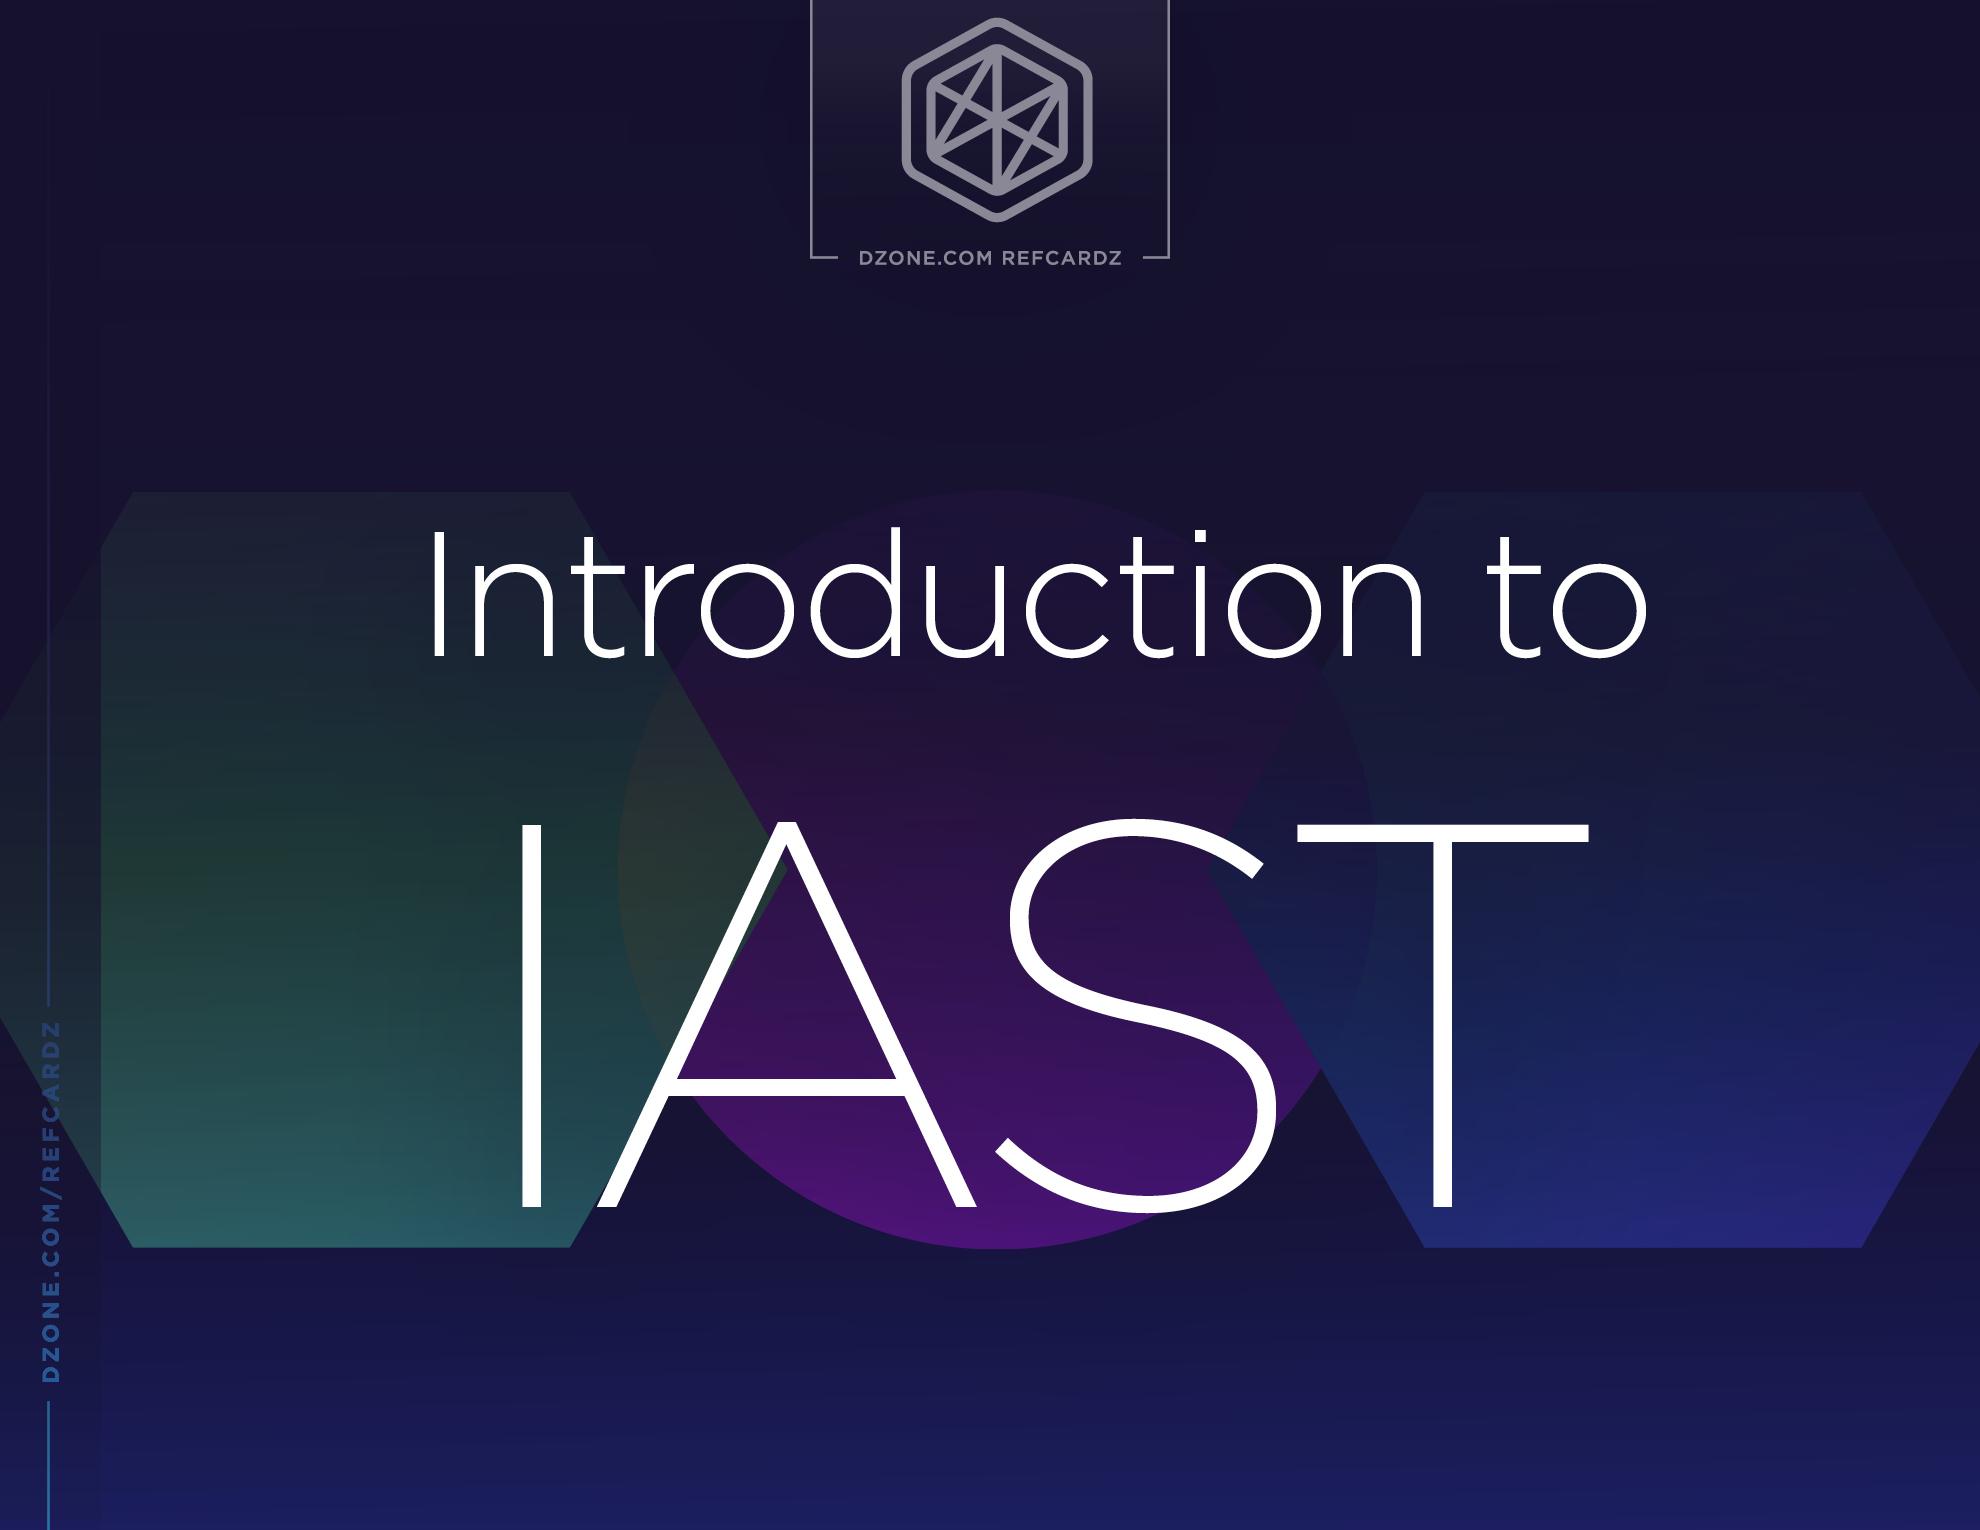 Introduction to IAST - DZone - Refcardz